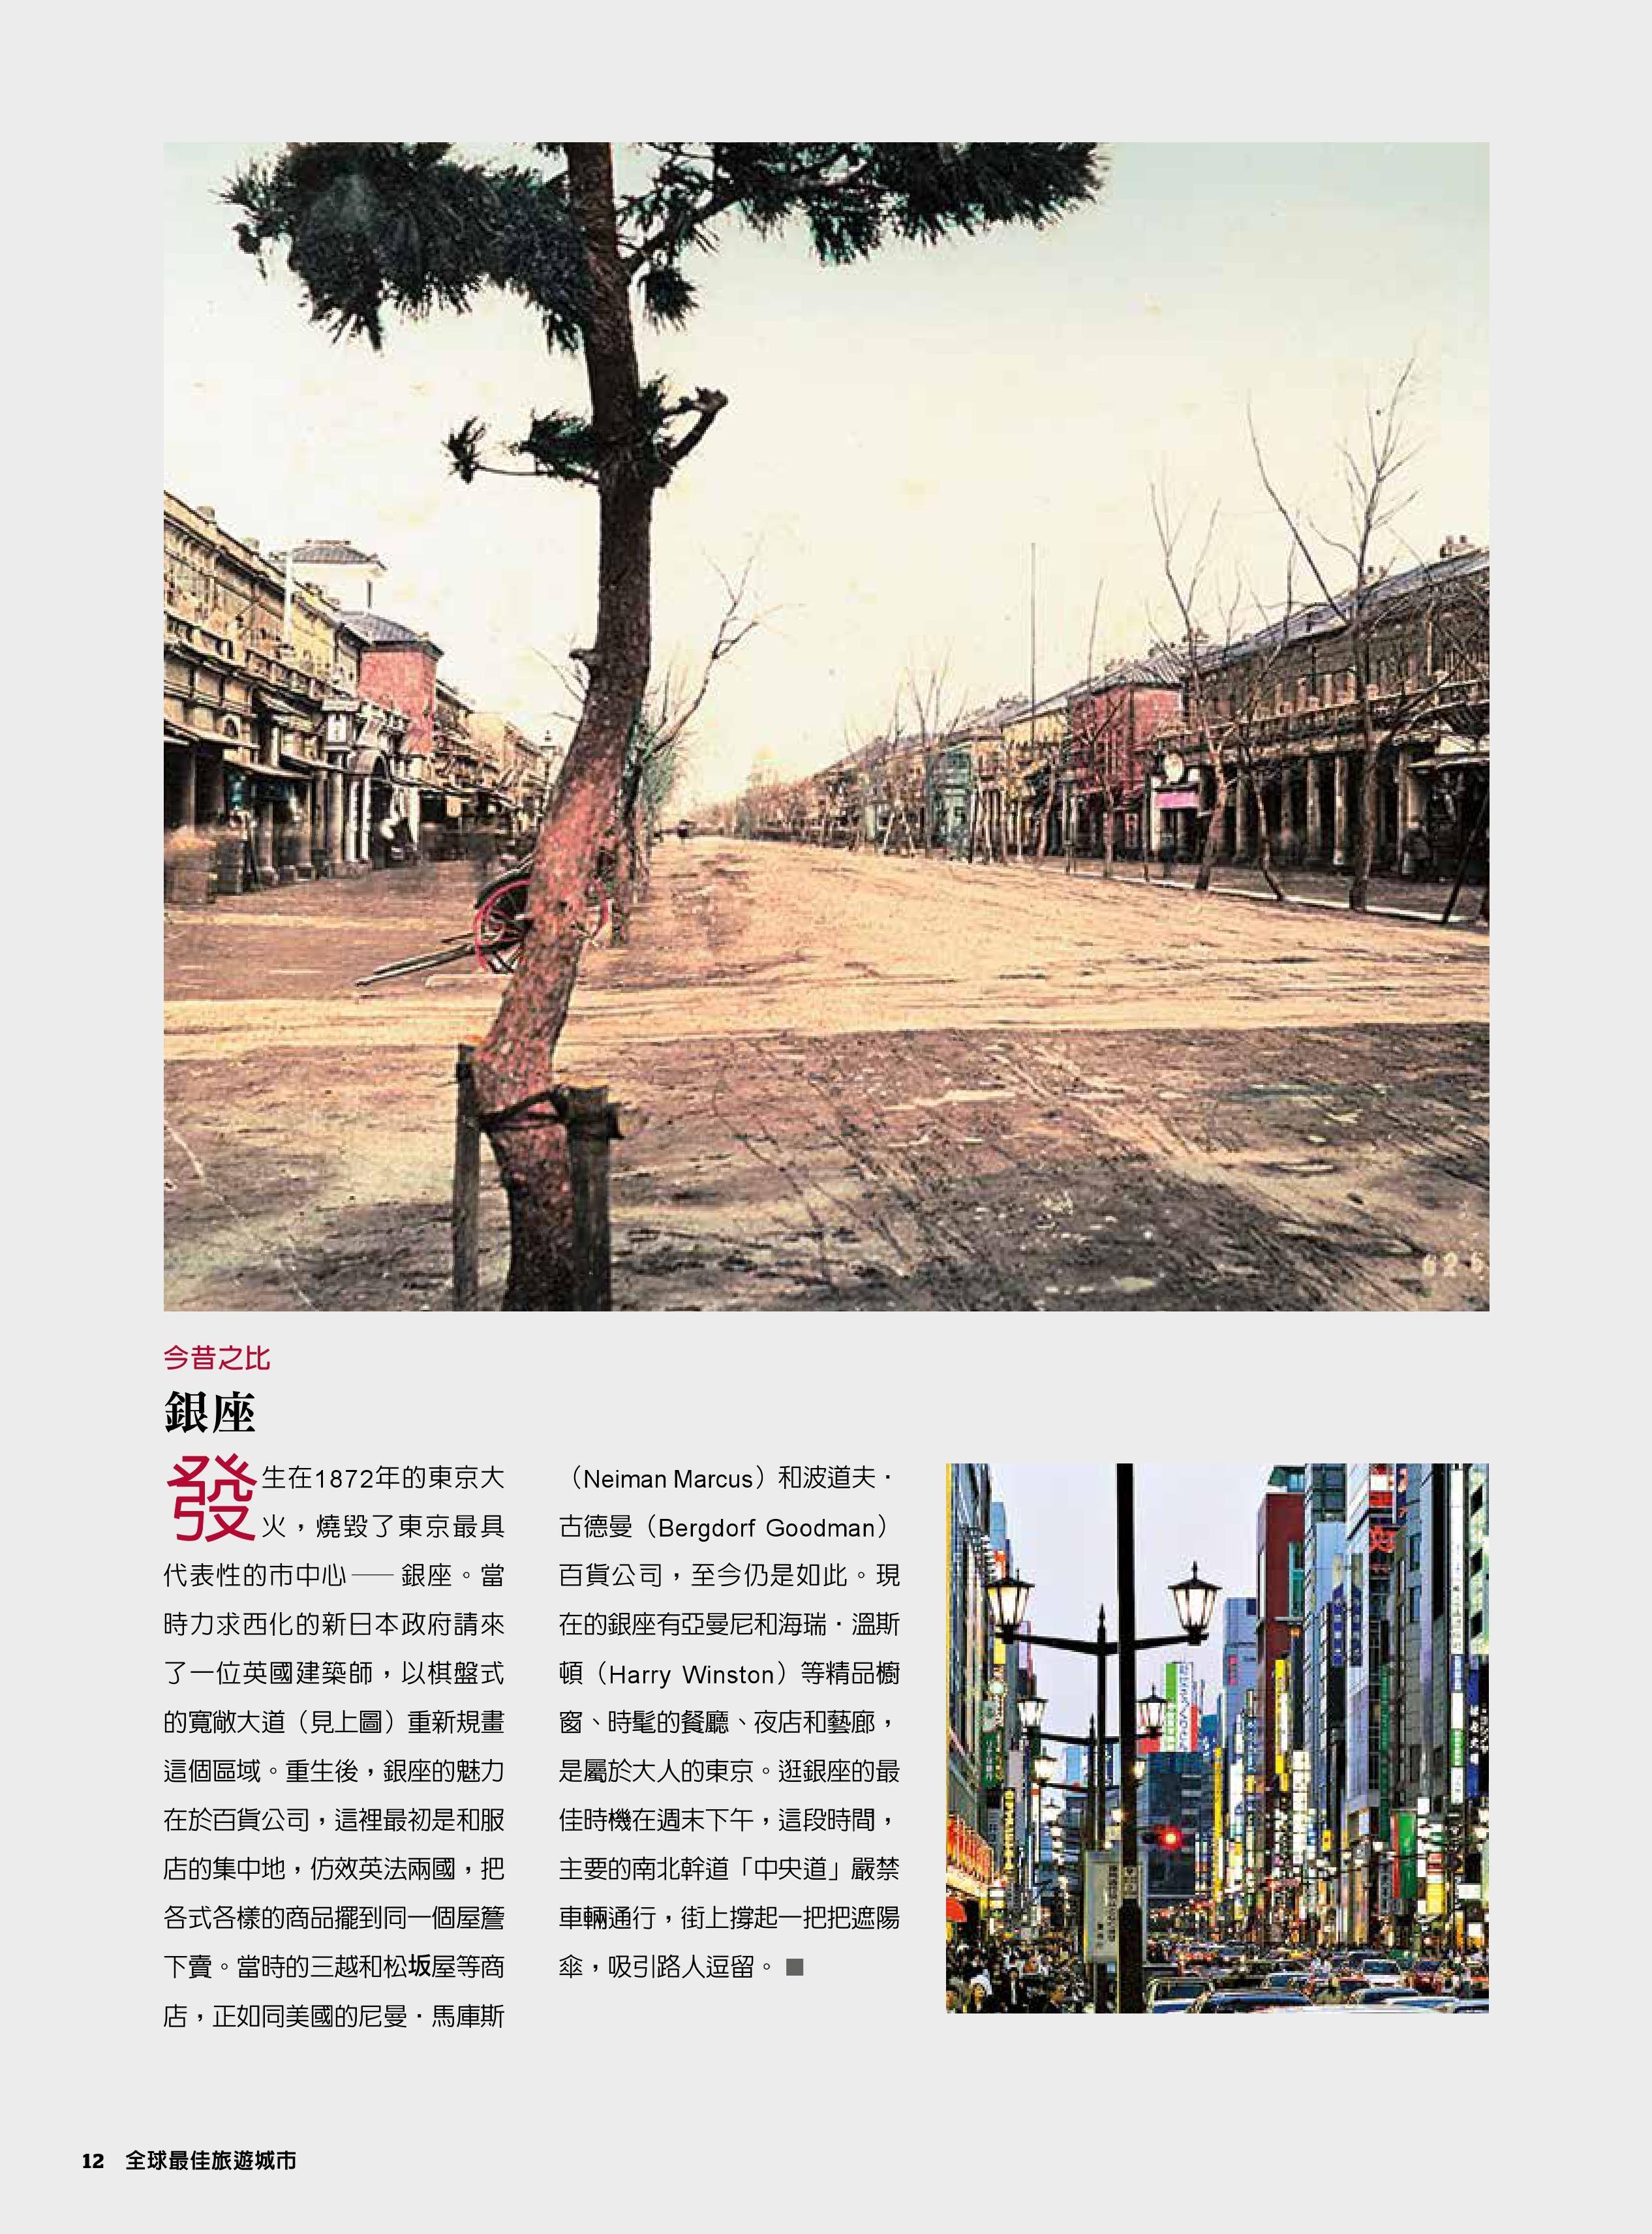 圖片出自《全球220大最佳旅遊城市》